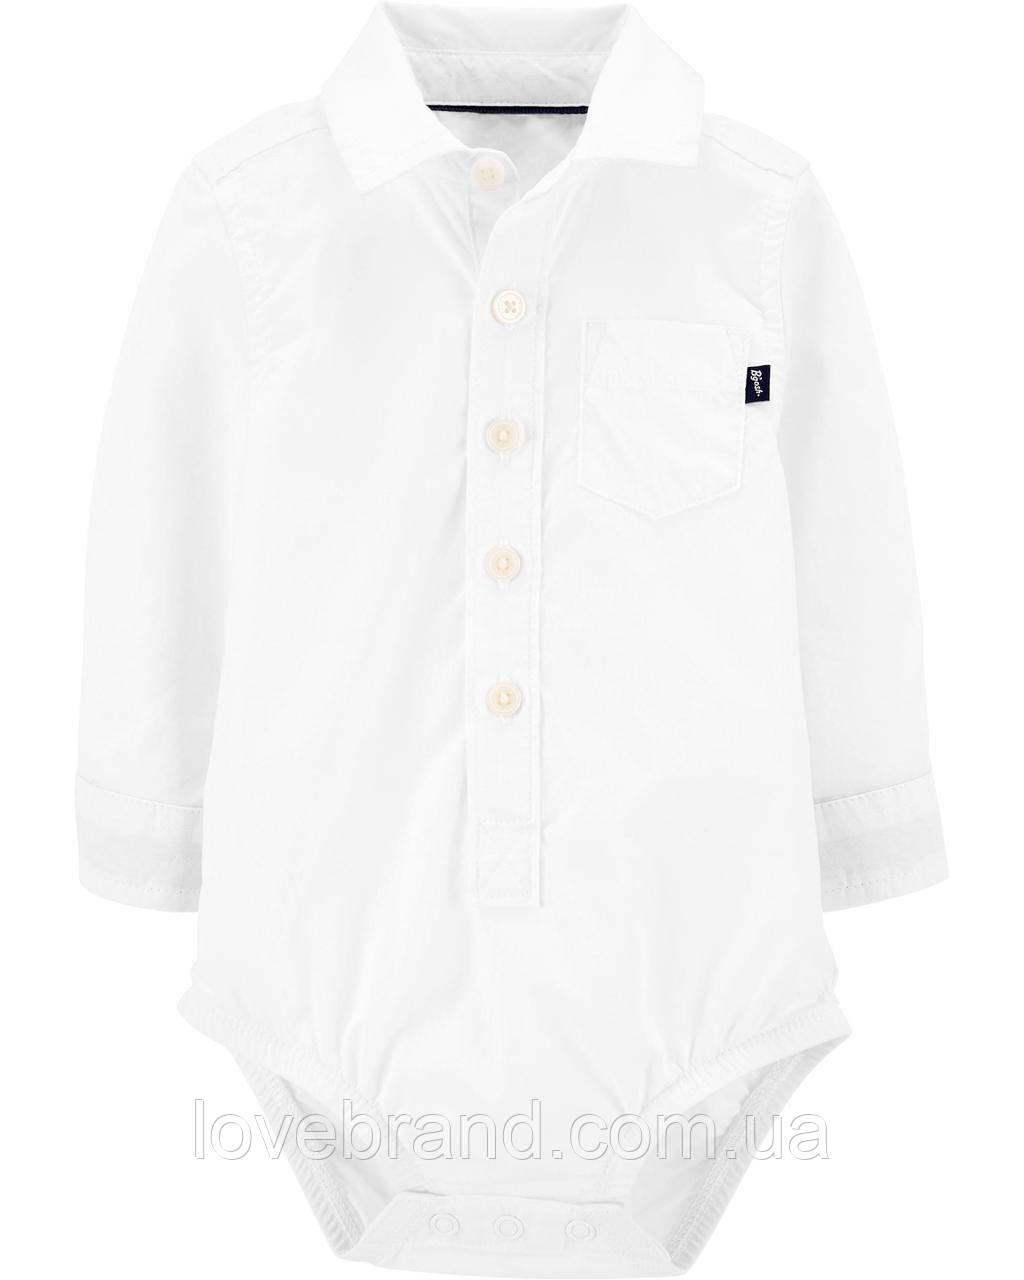 Белая рубашка боди OshKosh для мальчика, нарядная рубашка для малыша